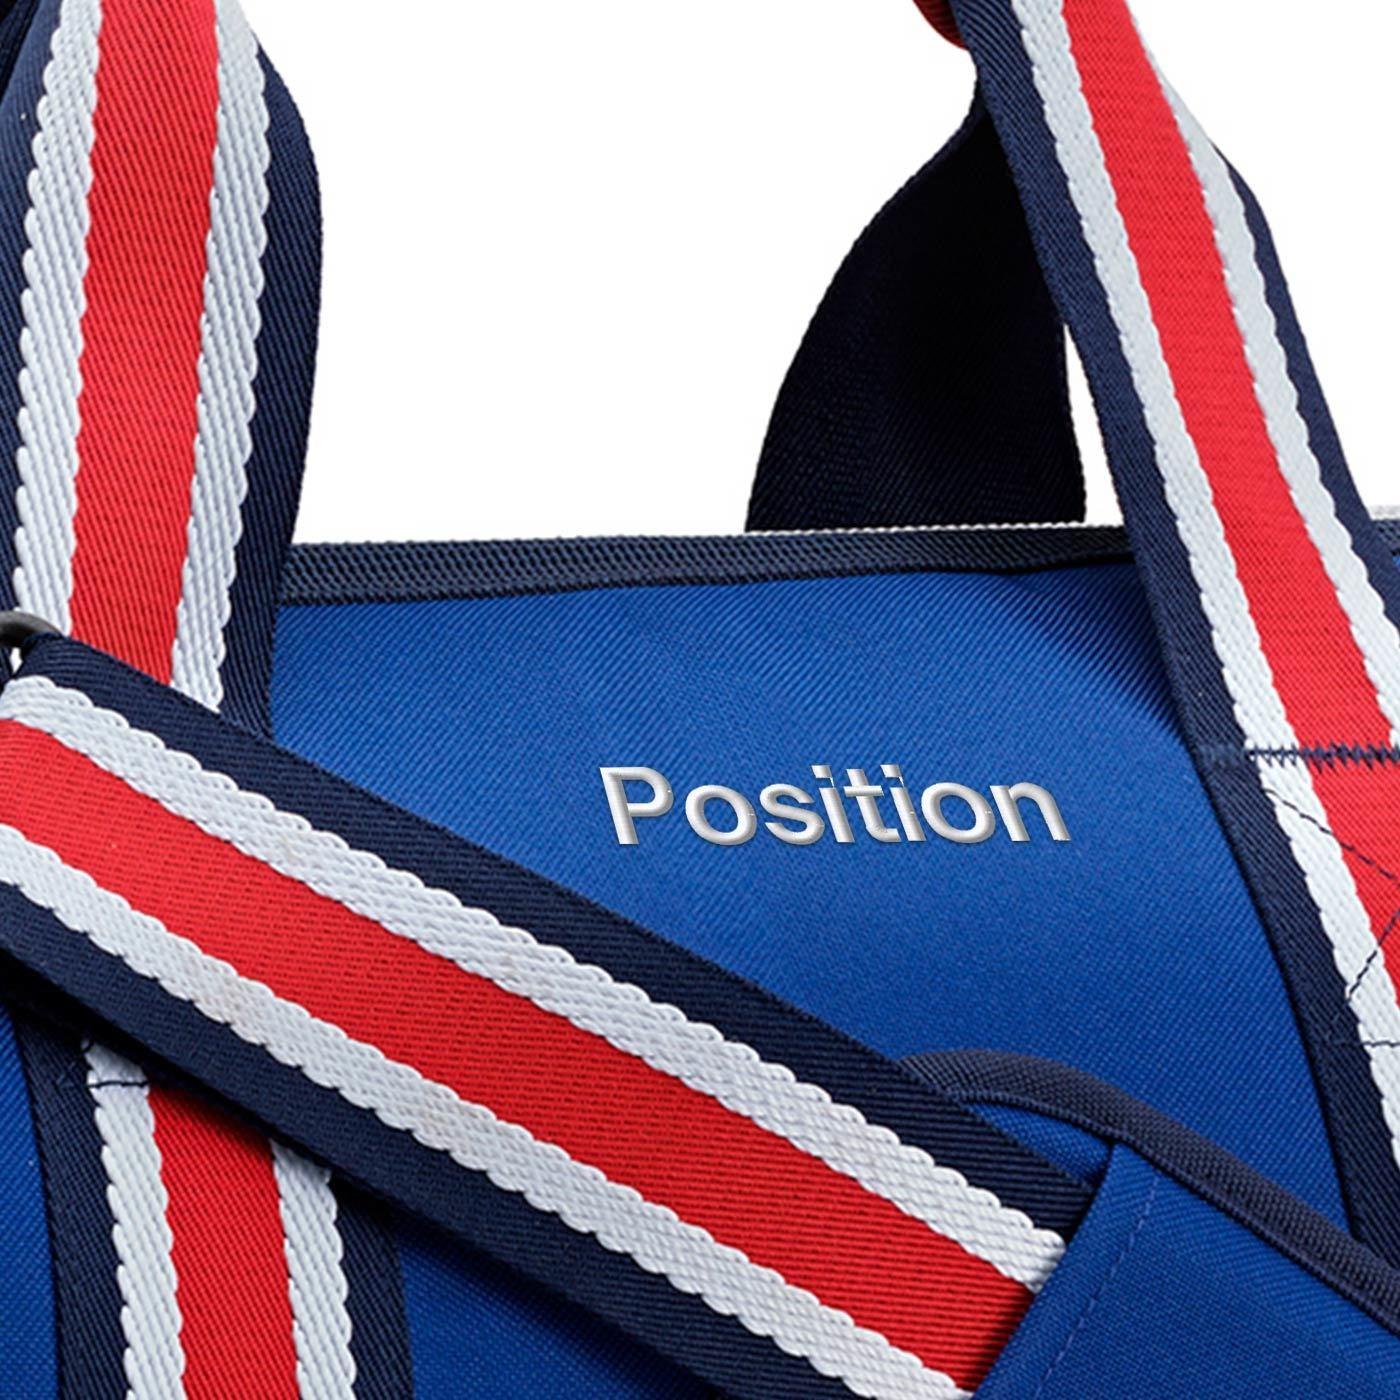 Cestovní taška Allrounder M special edition nautic_2